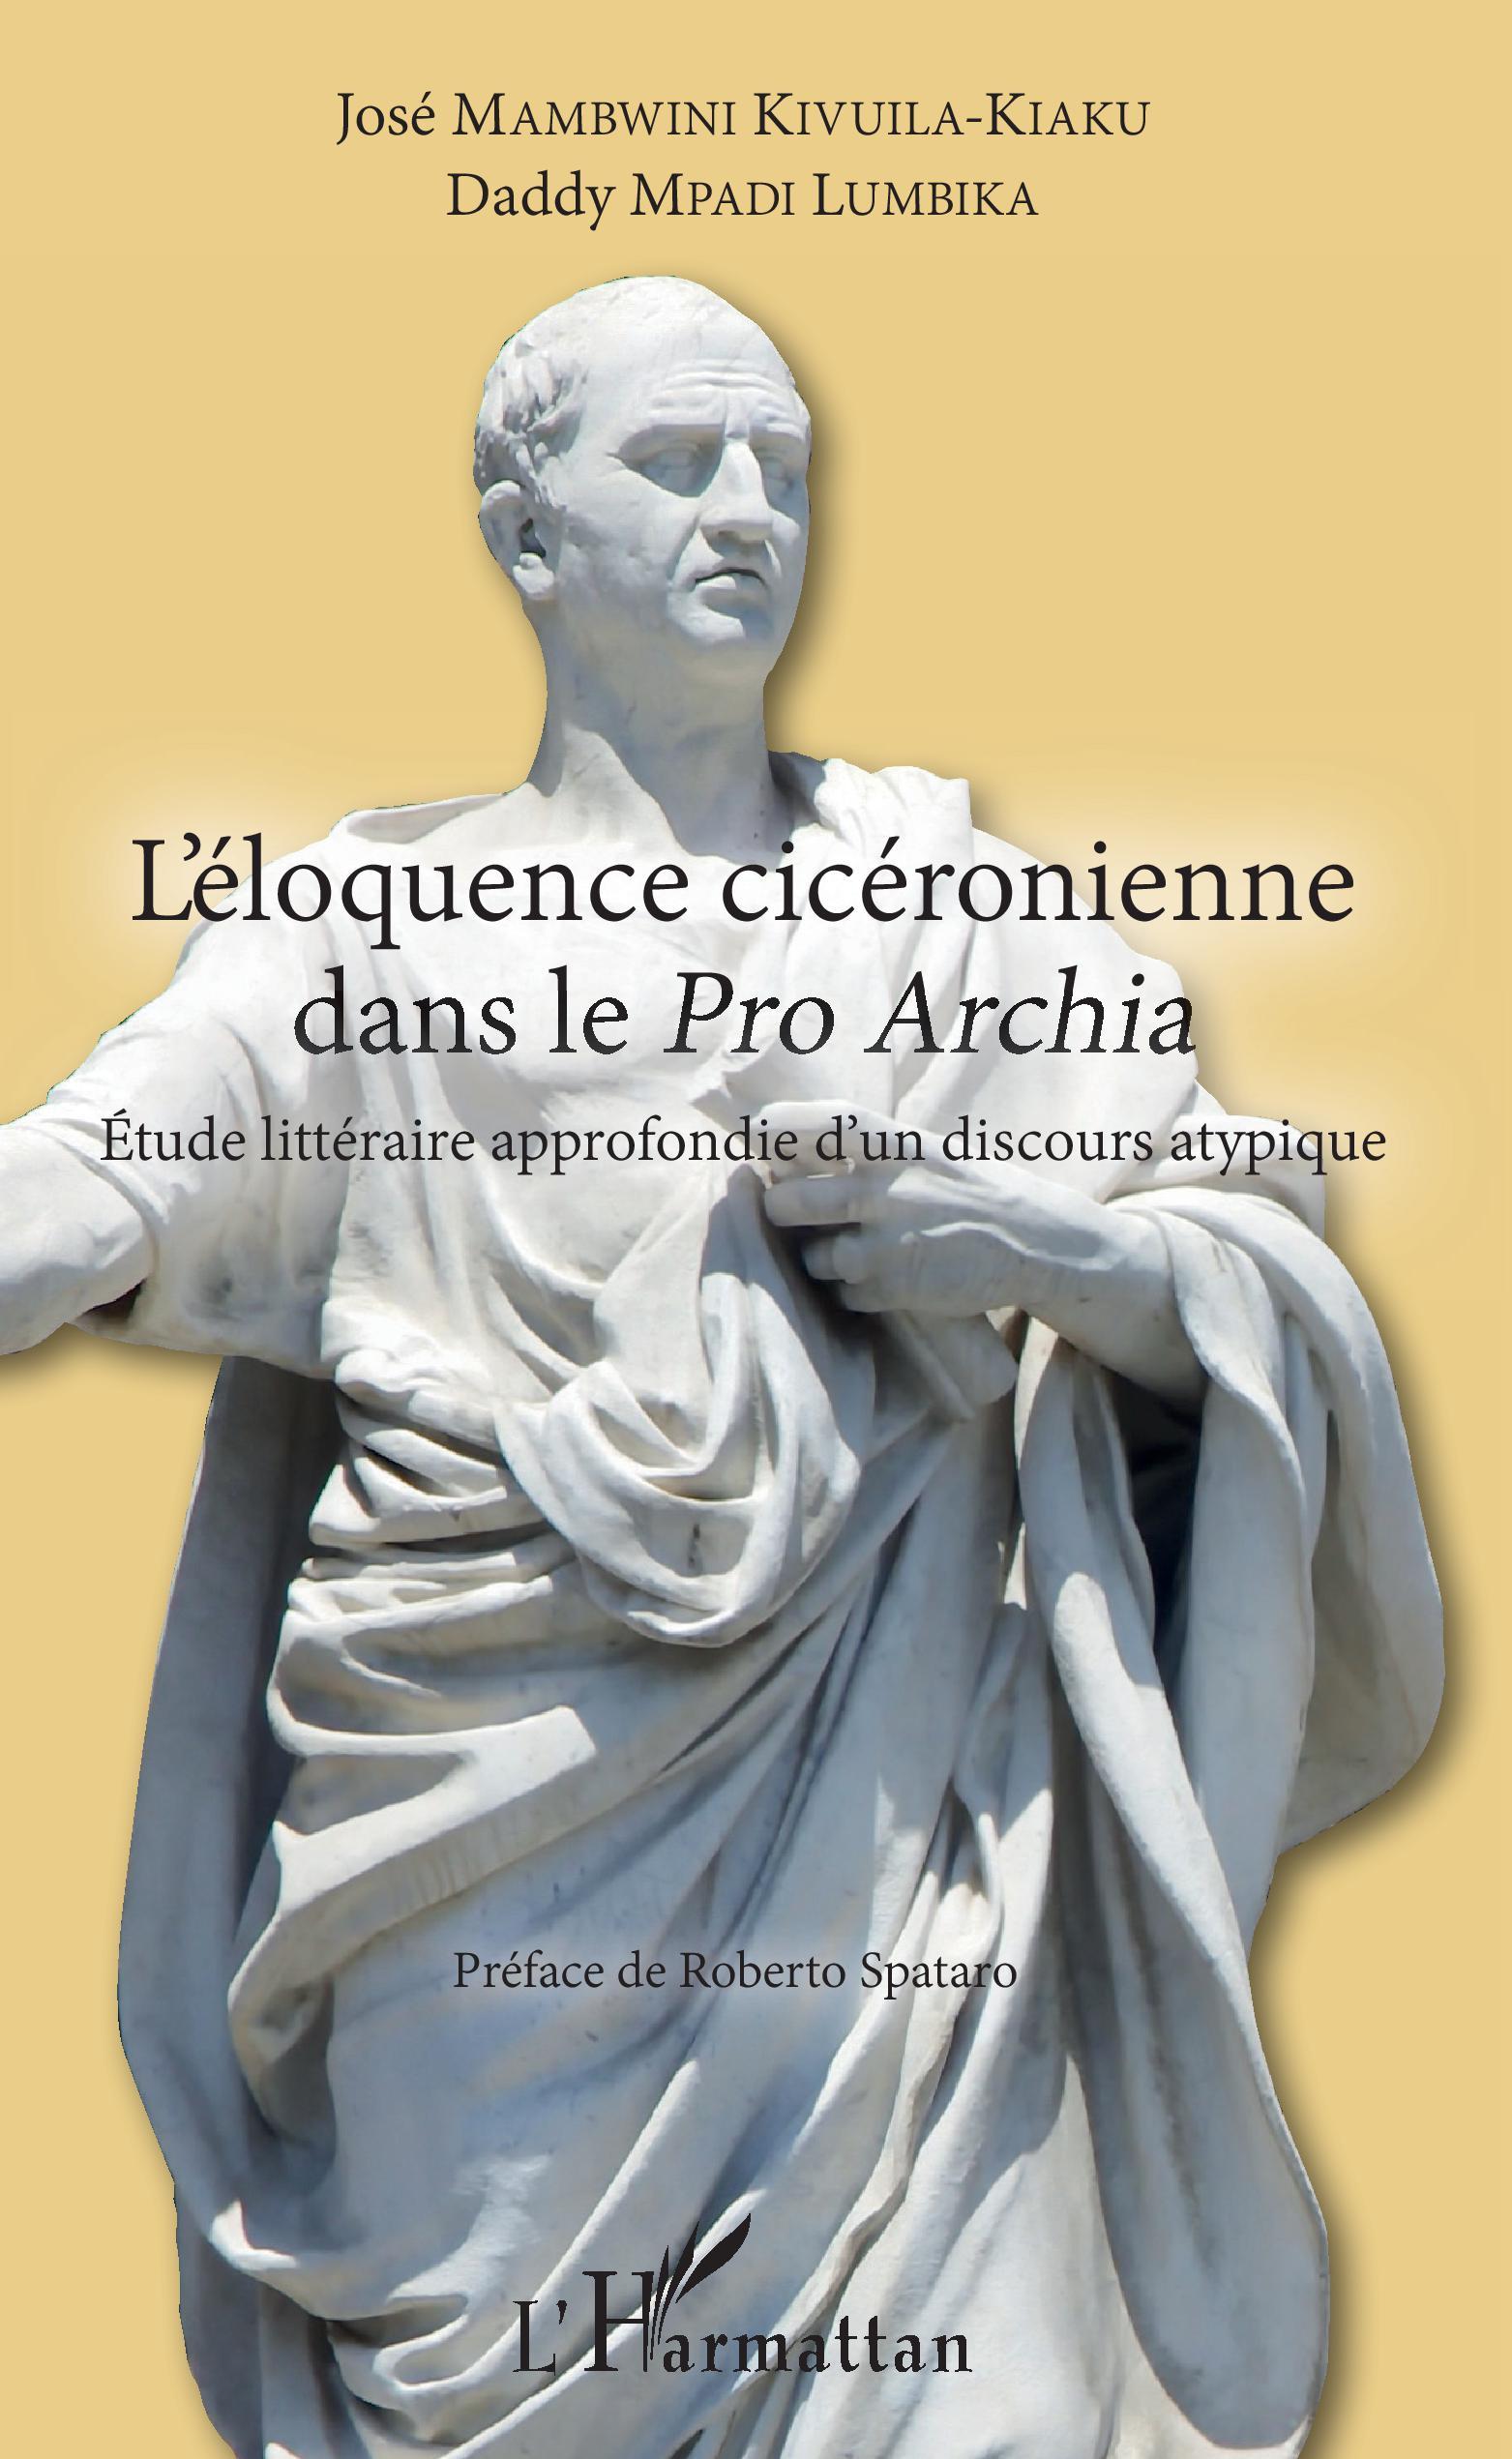 J. Mambwini Kivuila-Kiaku et D. Mpadi Lumika, L'Eloquence cicéronienne dans le Pro Archia : Etude littéraire approfondie d'un discours atypique